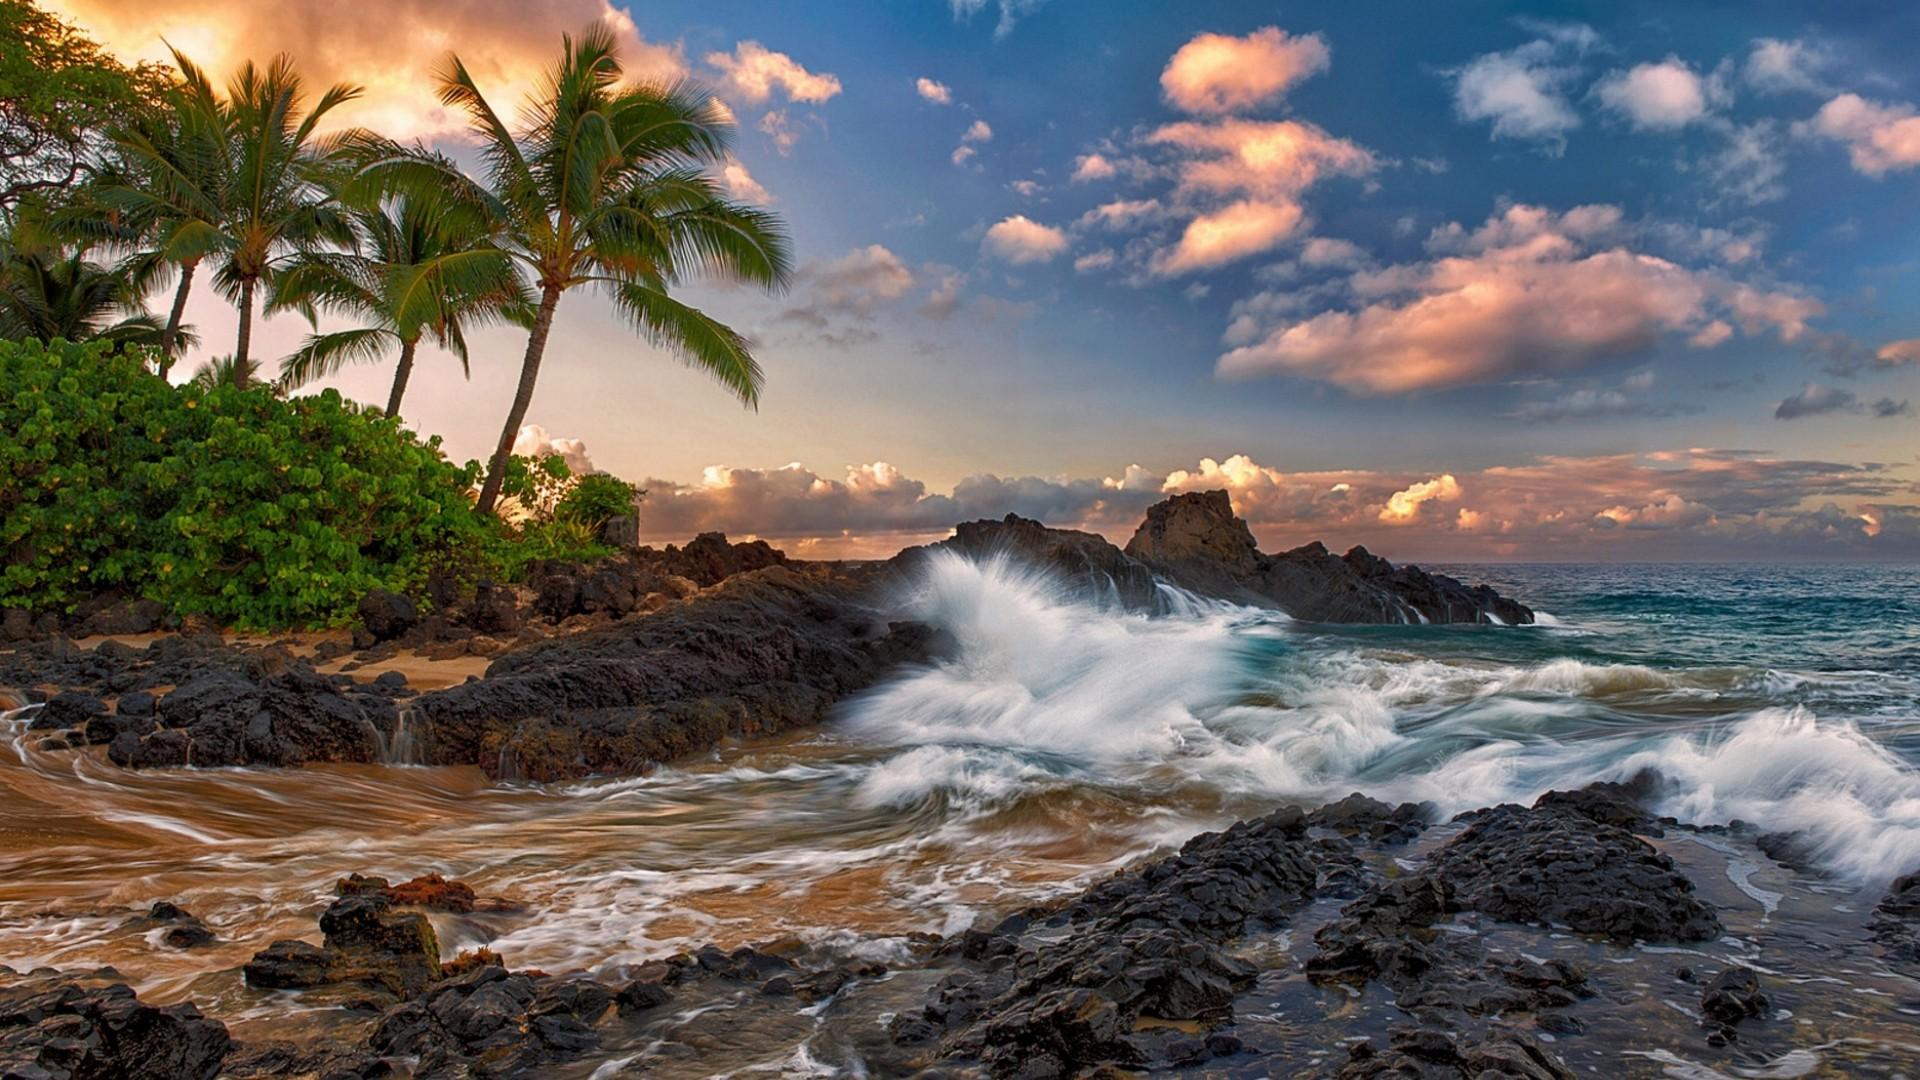 Download US State Hawaii Maui Island Ocaen Rocks Wallpaper Search 1920x1080